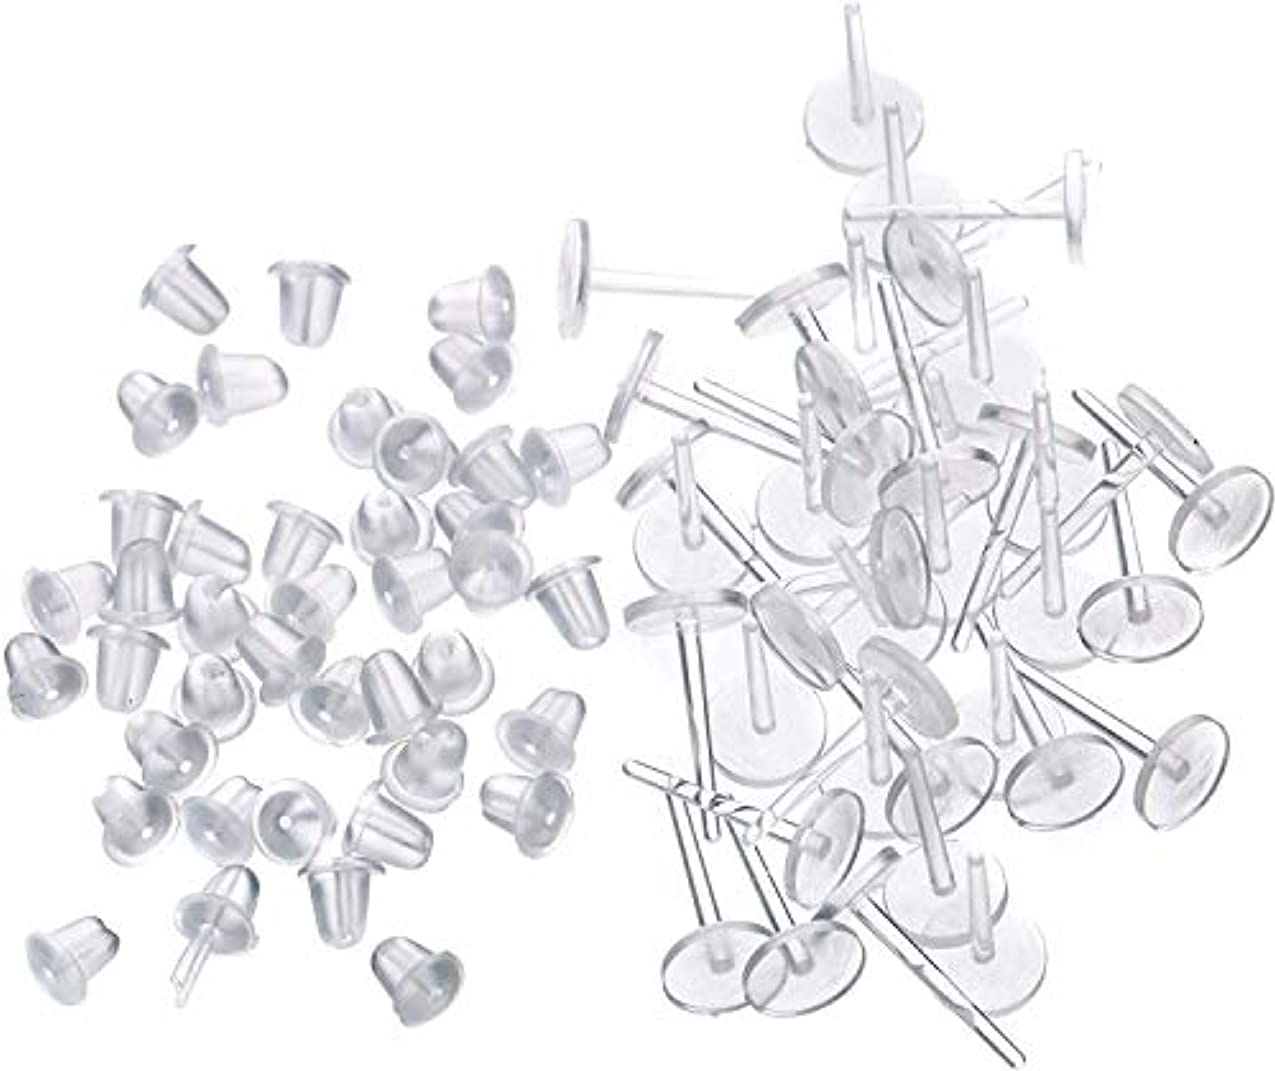 投資する帆メイトHomewineasy 透明ピアス シークレットピアス 樹脂 金属アレルギーフリー ボディピアス 5mm 40個